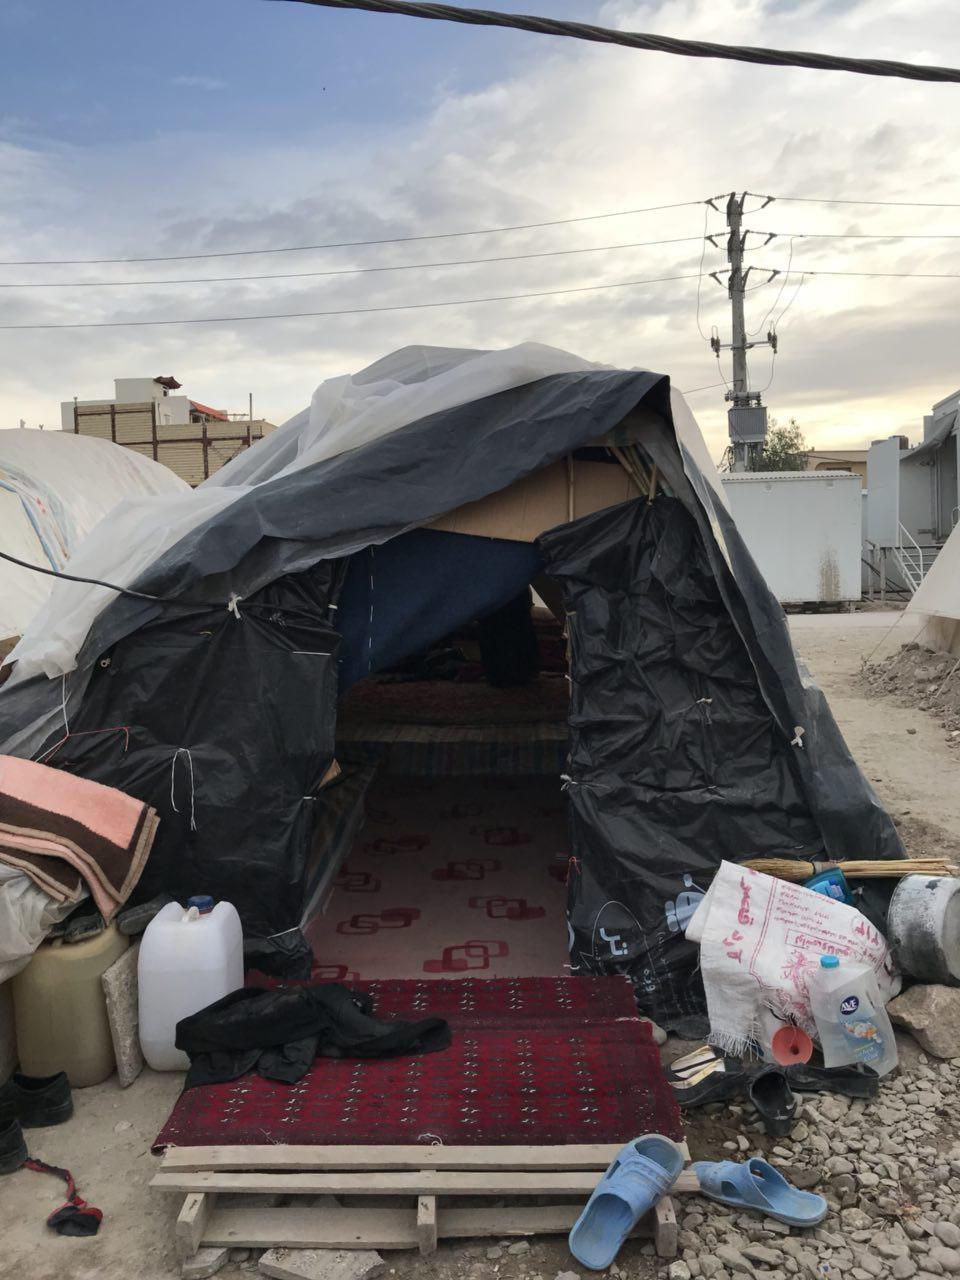 گزارش خبرنگار اعزامی همشهری آنلاین | اینجا کرمانشاه؛ چهل روز پس از زلزله